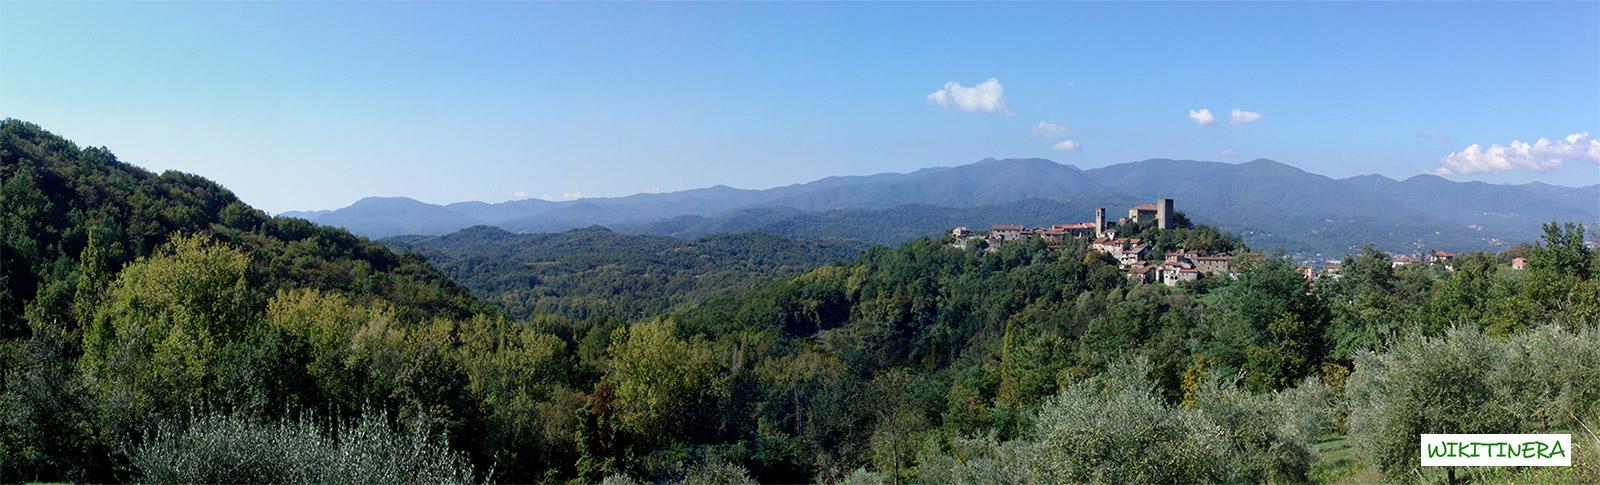 Paesaggio di Castiglione del Terziere